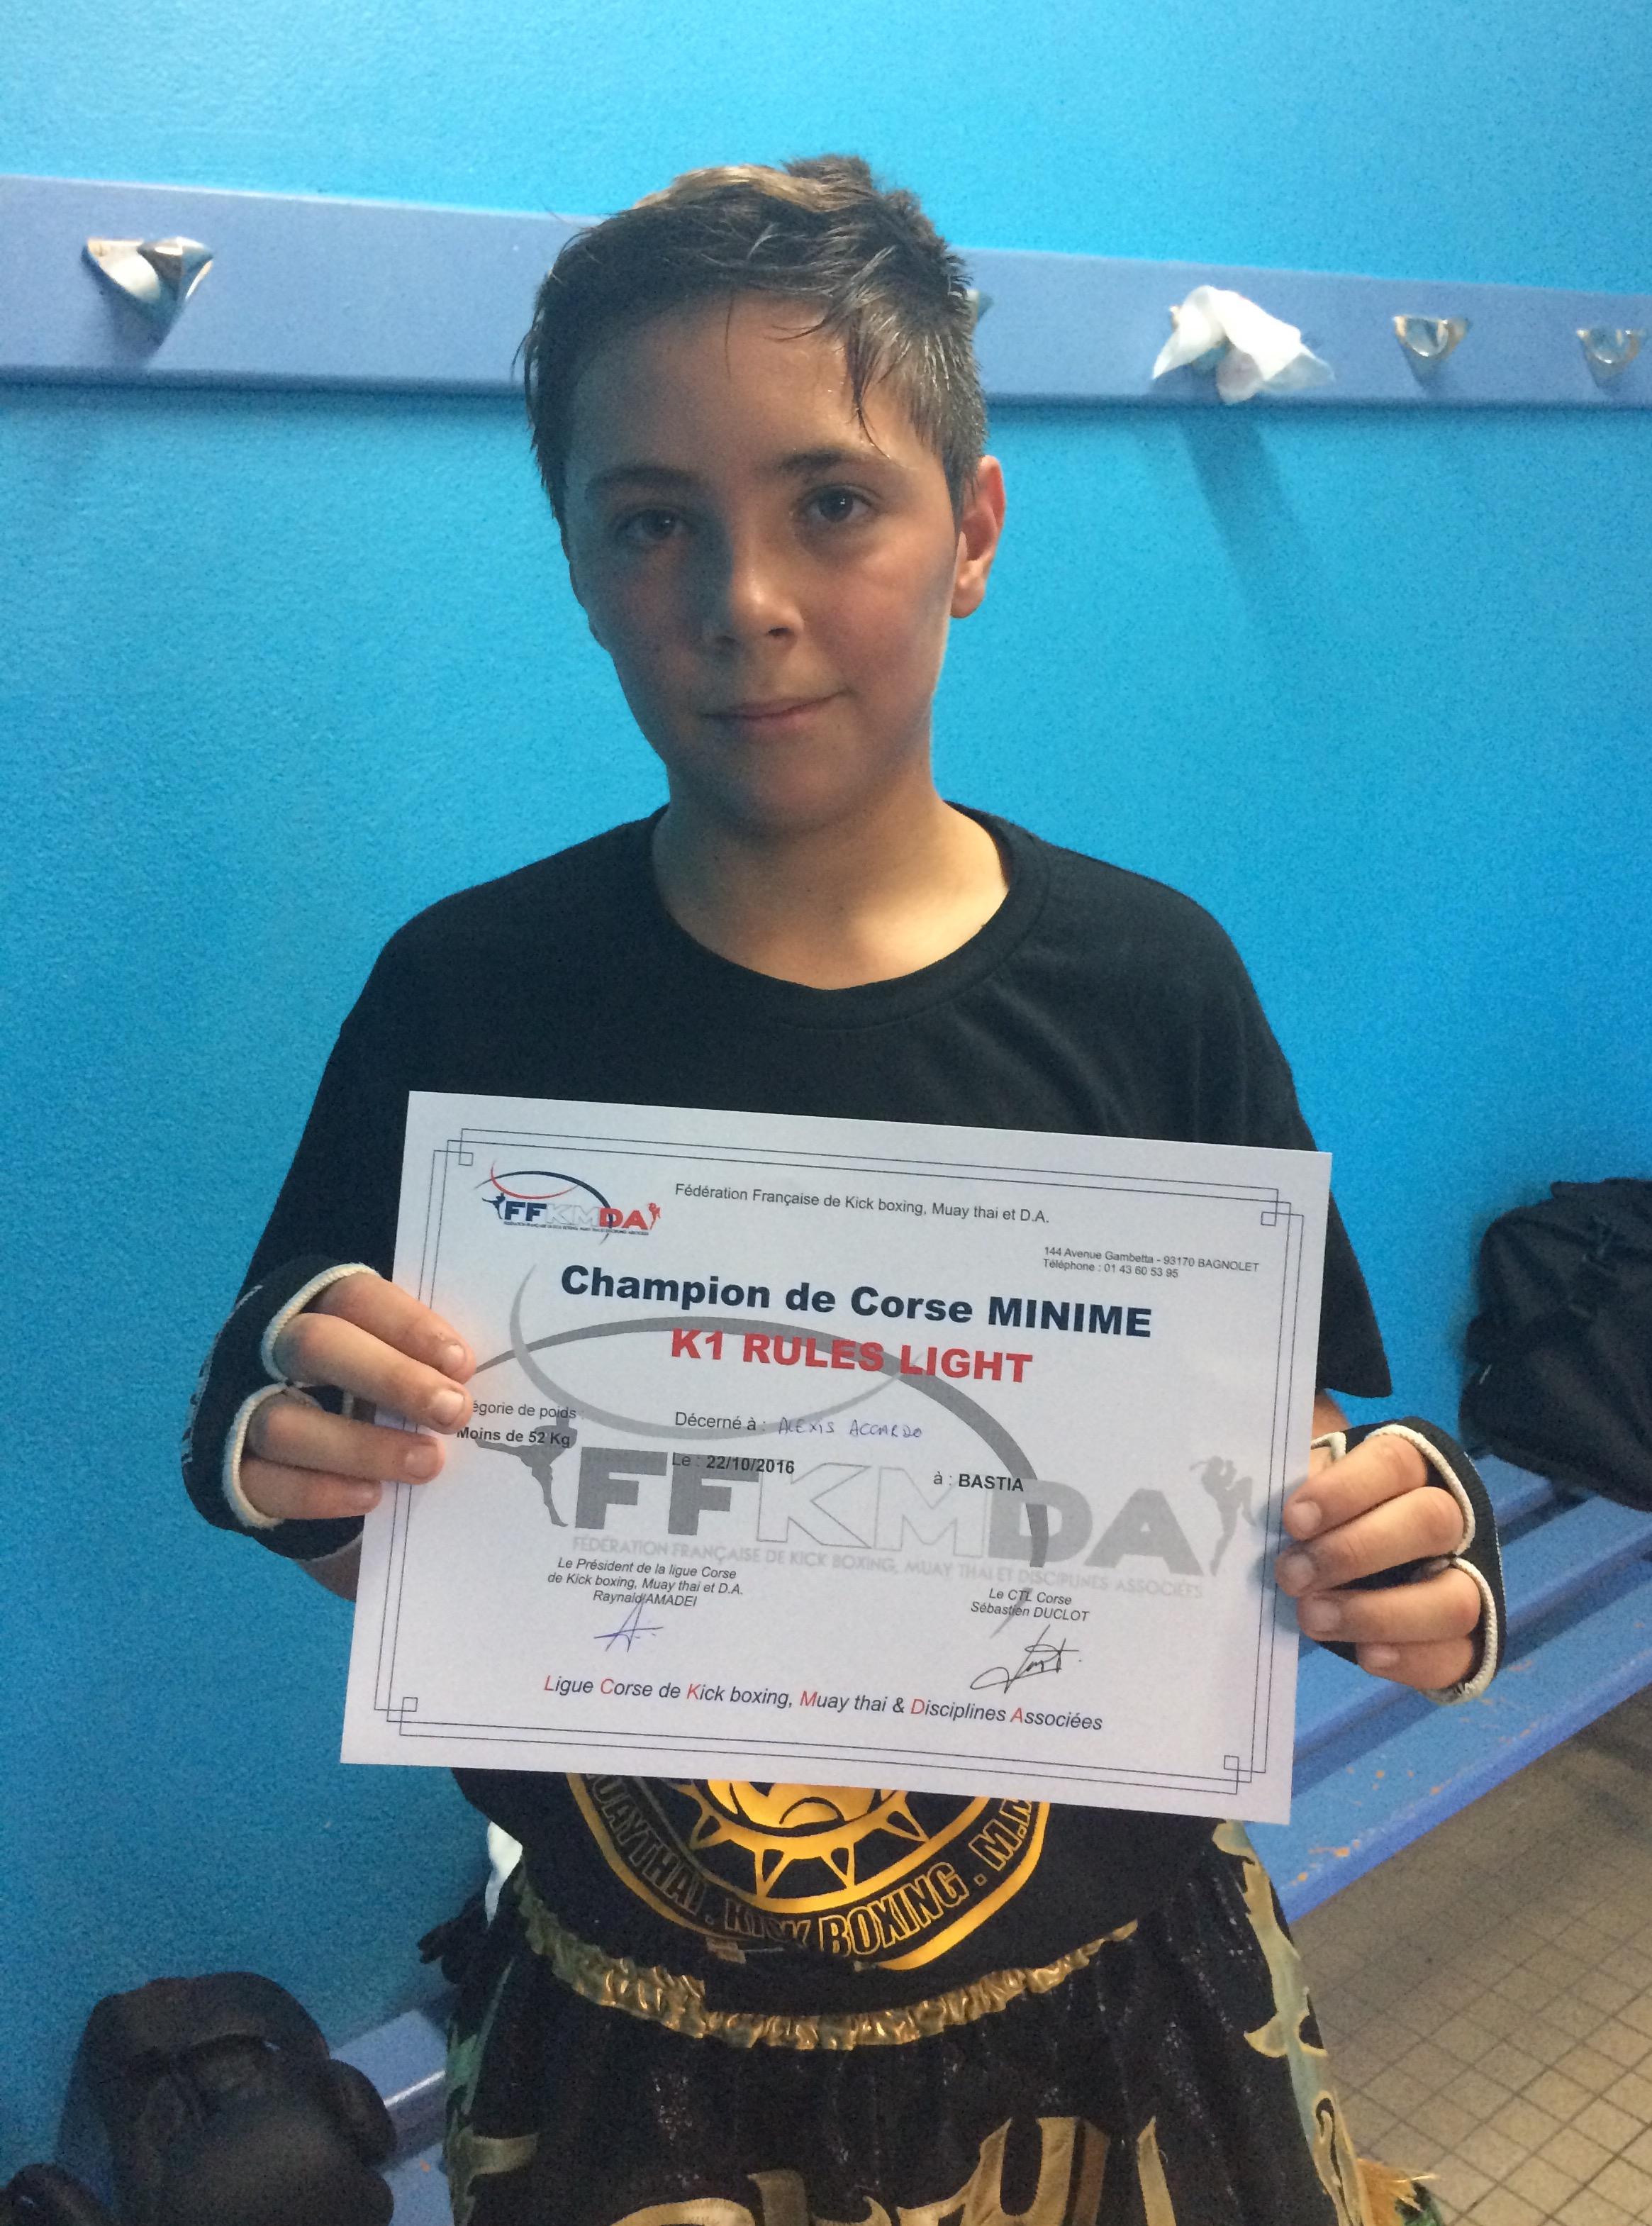 Vico a son champion de Corse